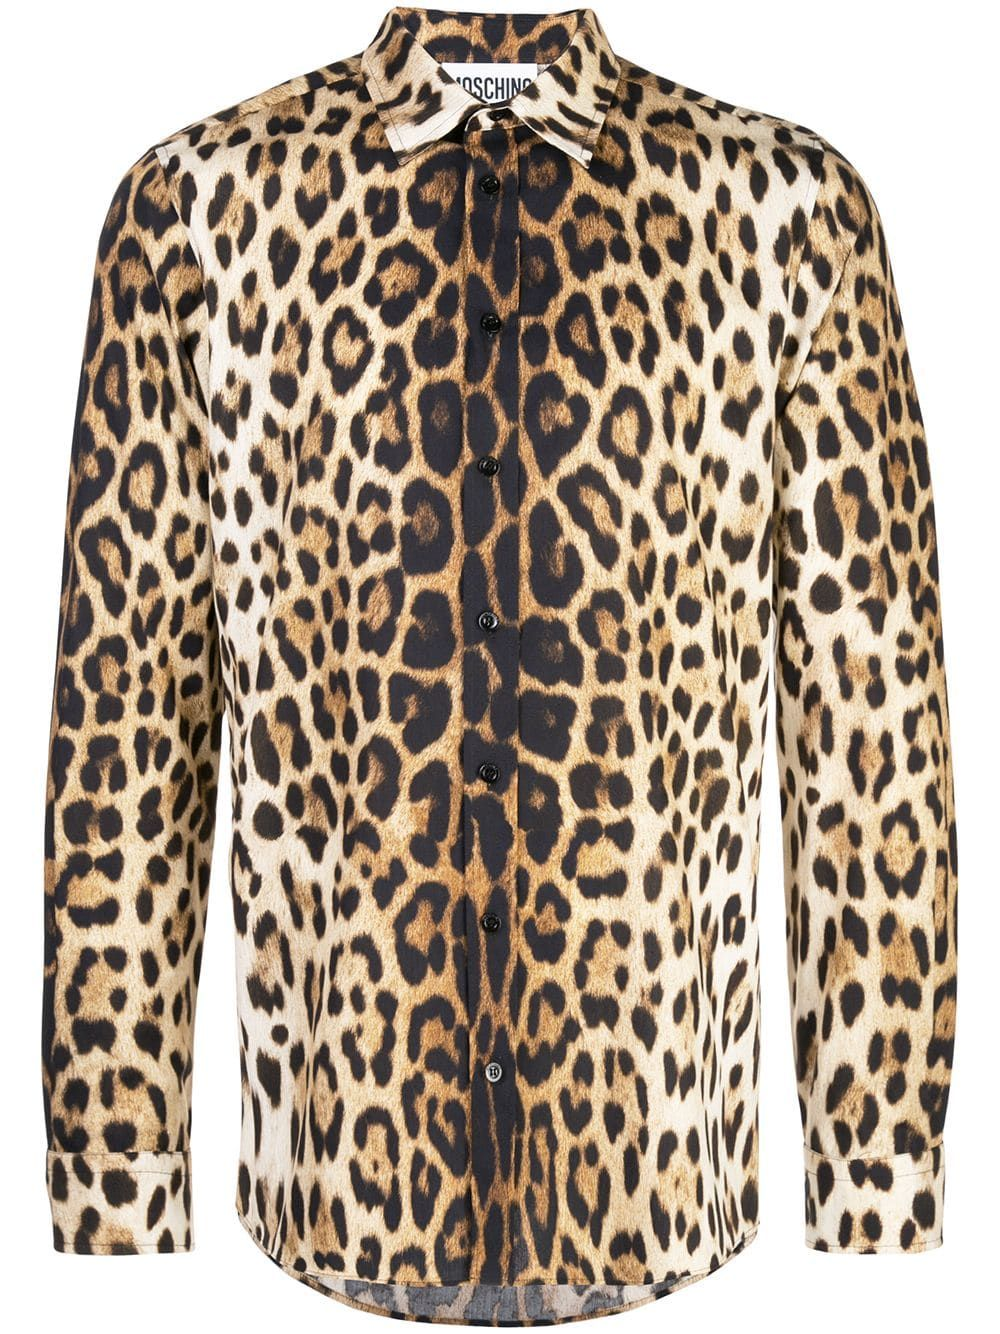 f16f3805f458ad MOSCHINO MOSCHINO LEOPARD PRINT SHIRT - ORANGE.  moschino  cloth ...